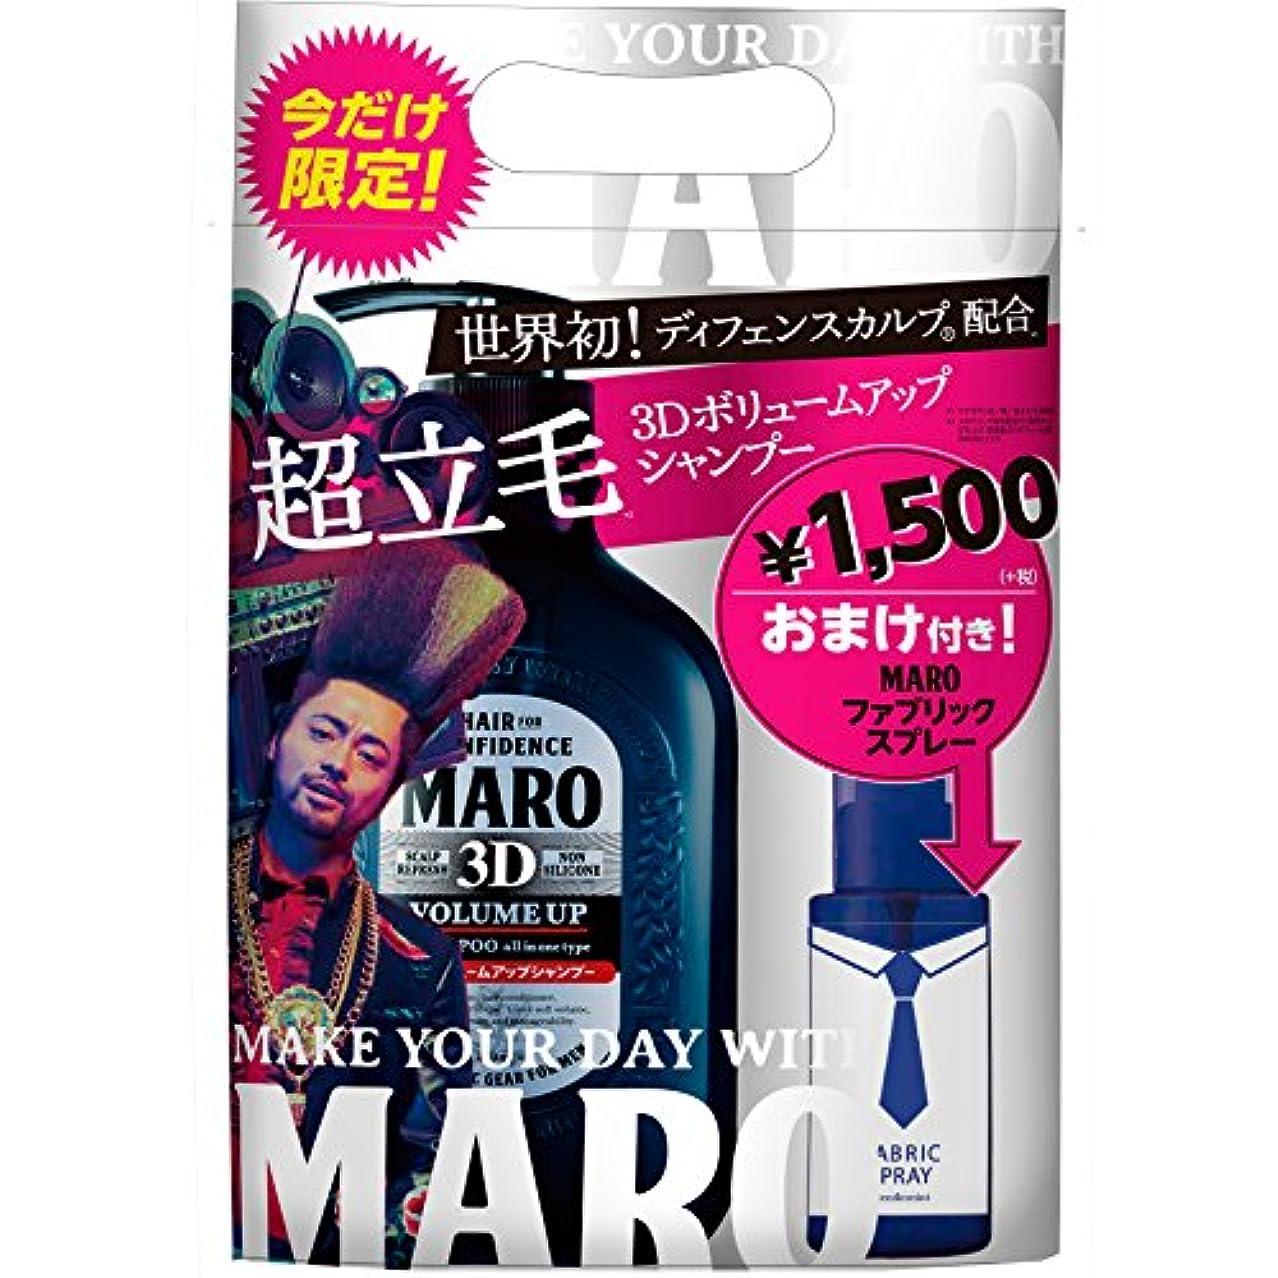 後コーヒーのMARO 3DボリュームアップシャンプーEX ファブリックスプレー付 460ml